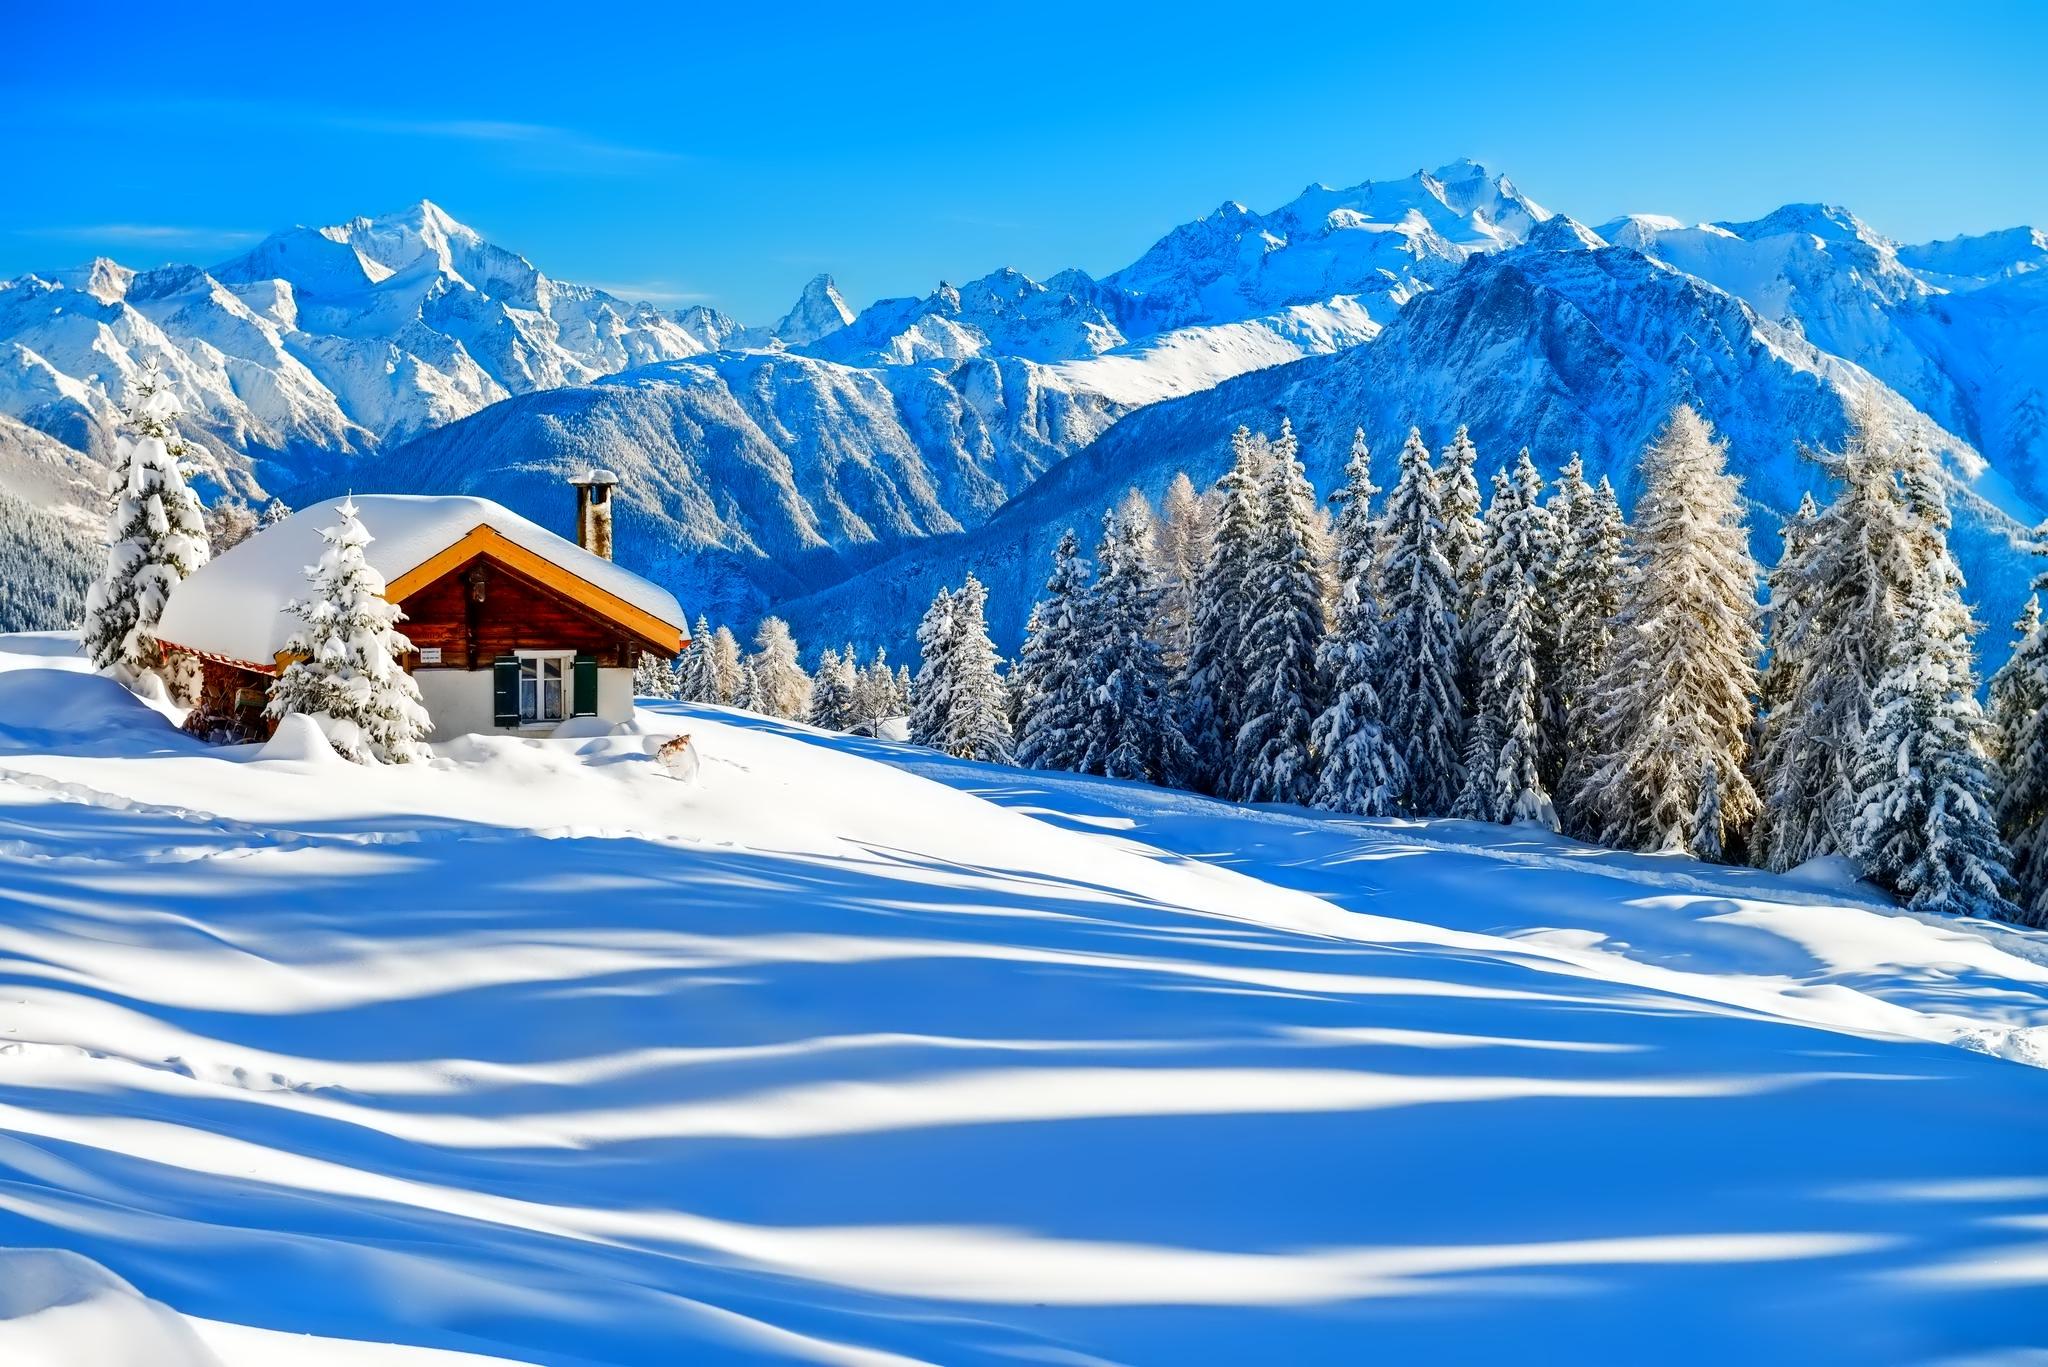 настоящий момент снежные пейзажи фото имеет